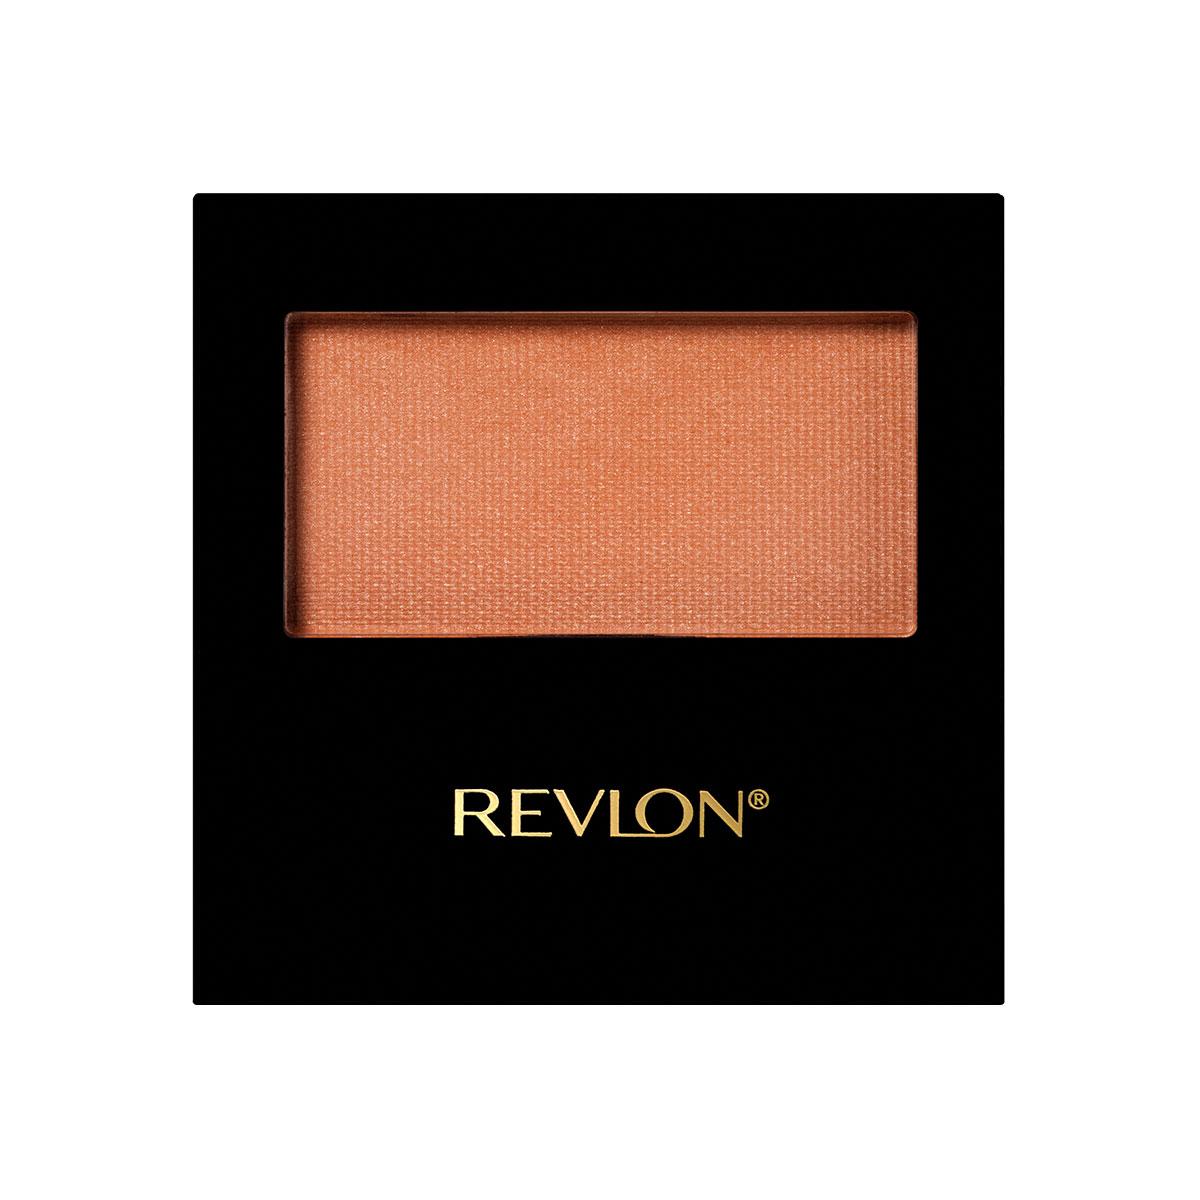 Revlon Румяна для Лица Powder Blush Naughty nude 006 45 г28032022REVLON POWDER BLUSH - это ультрамягкие, шелковистые компактные румяна, которые улучшают цвет лица. Легкое прикосновение каждого оттенка моментально преображает ваши скулы, заставляя их играть неповторимым румянцем. Кроме этого, они обеспечат вам свежий цвет лица на протяжении всего дня.